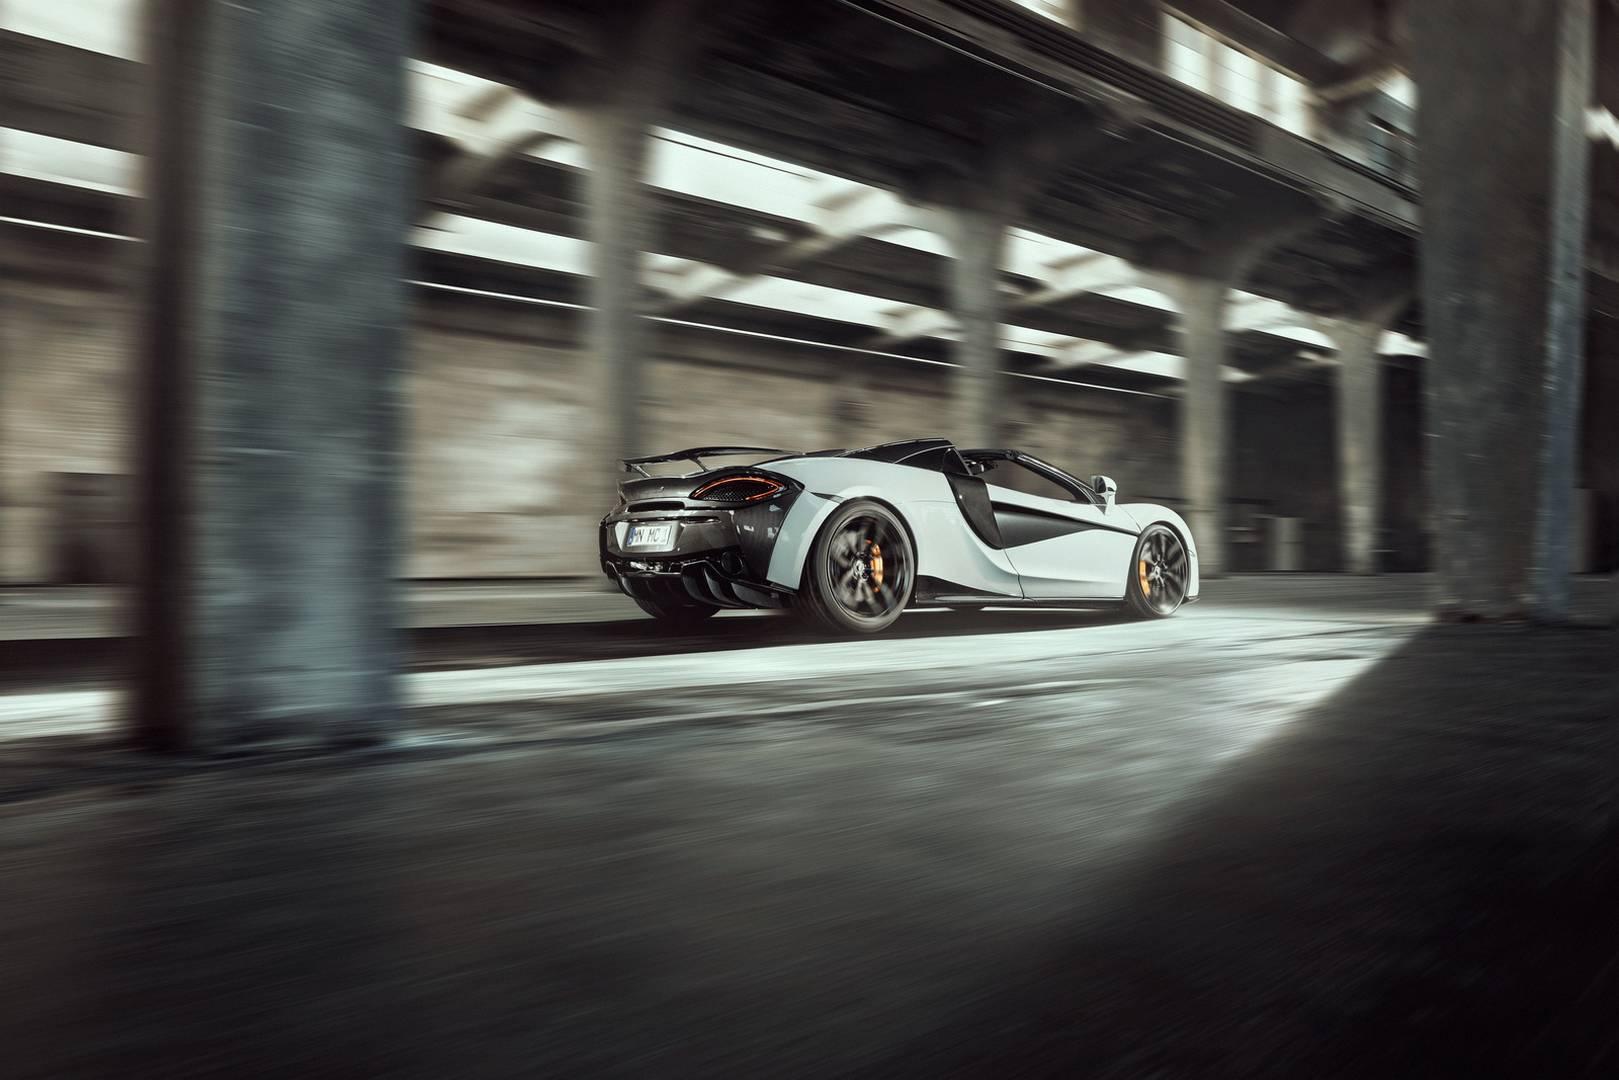 Здесь нет ничего особенного нового, поскольку он практически соответствует пакету, который Novitec предлагается для версии Coupe. Как один из наиболее успешных тюнинговых брендов, который работает с McLaren, Novitec ожидает огромный успех с 570S Spid